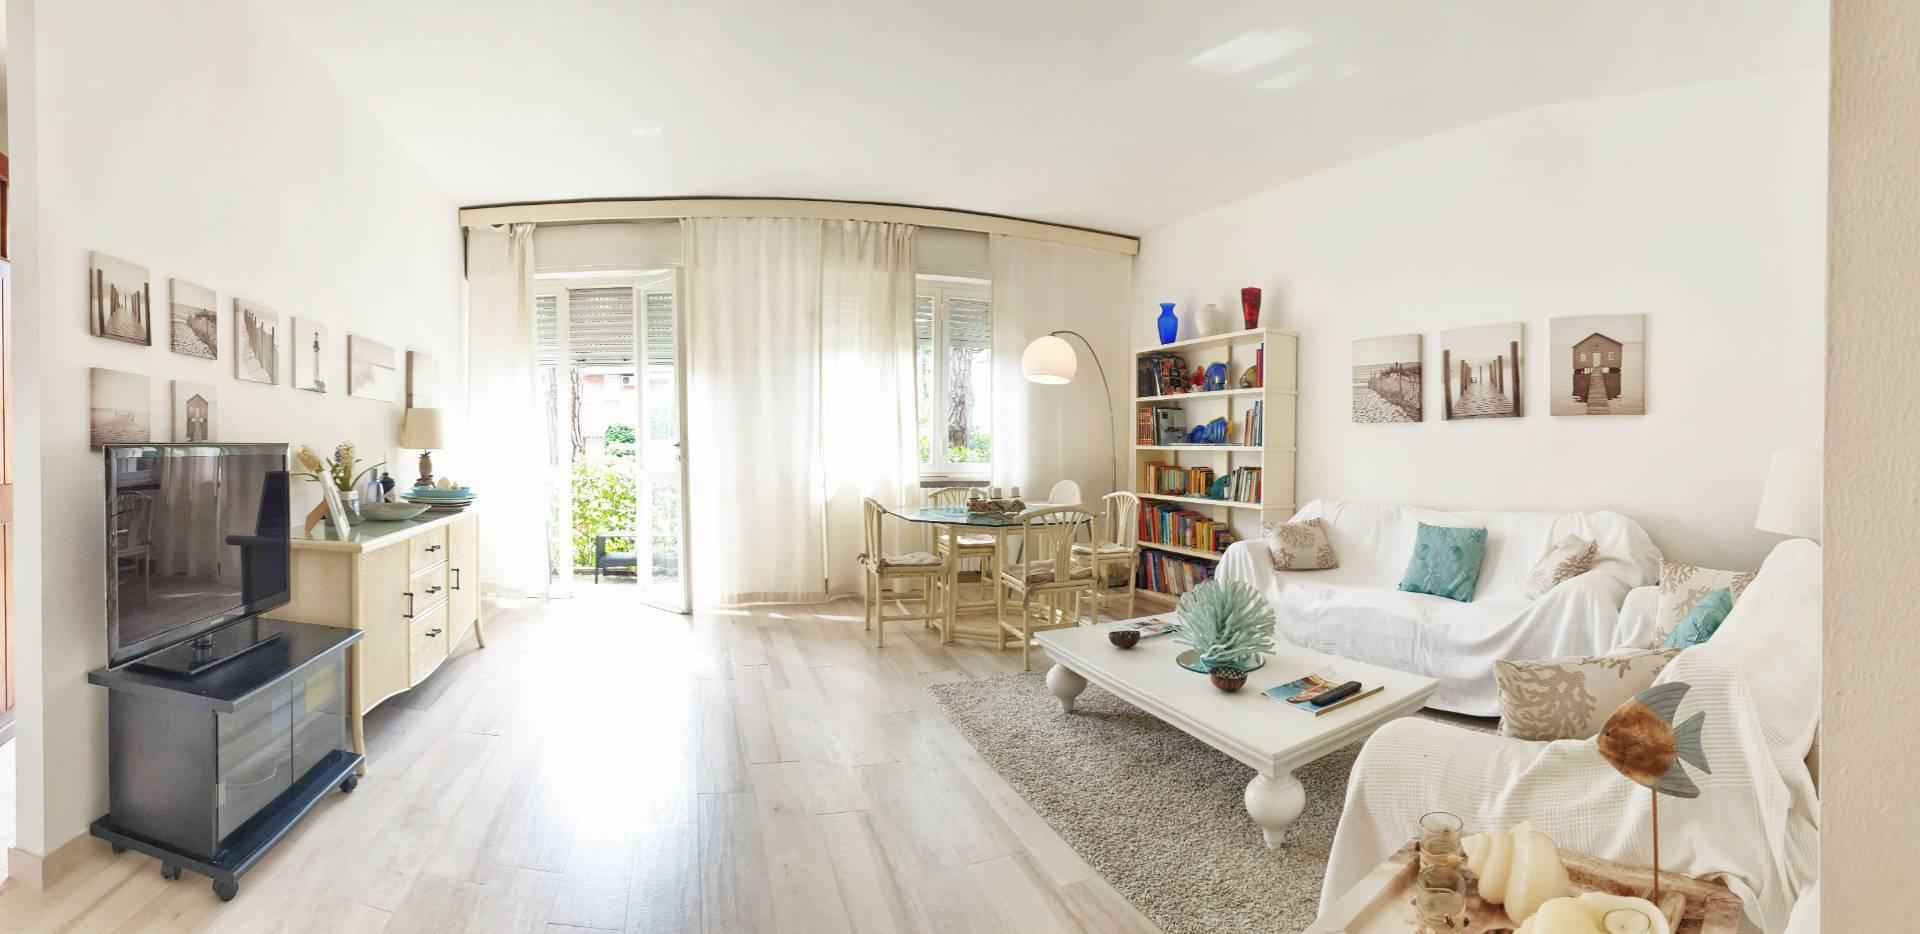 Appartamento in vendita a Pisa, 4 locali, zona Zona: Tirrenia, prezzo € 290.000 | CambioCasa.it